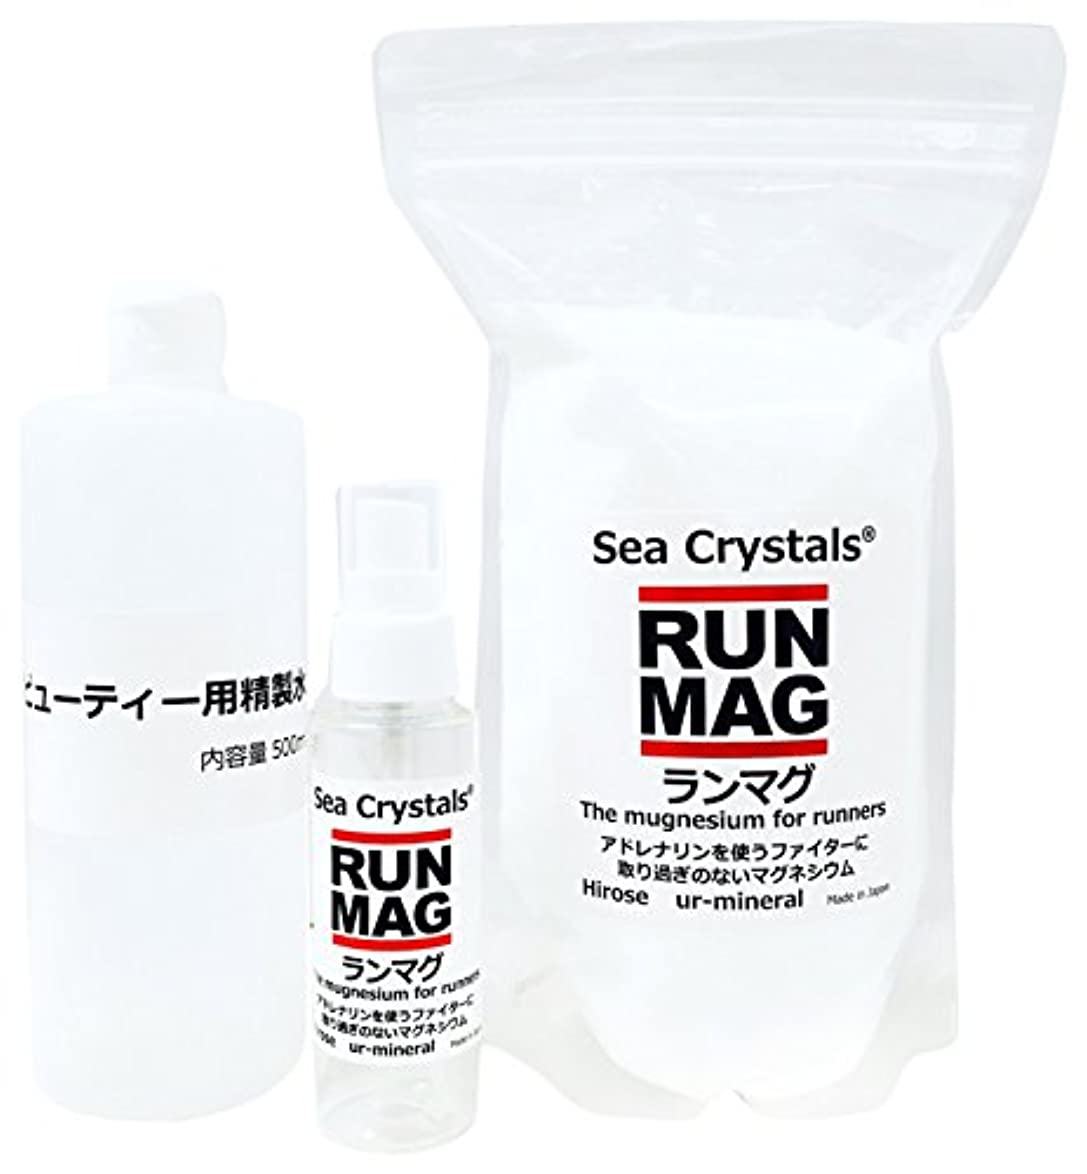 メンタリティ不適ポテトランマグ?マグネシウムオイル 500g 化粧品登録 日本製 1日マグネシウム360mg使用  精製水付き